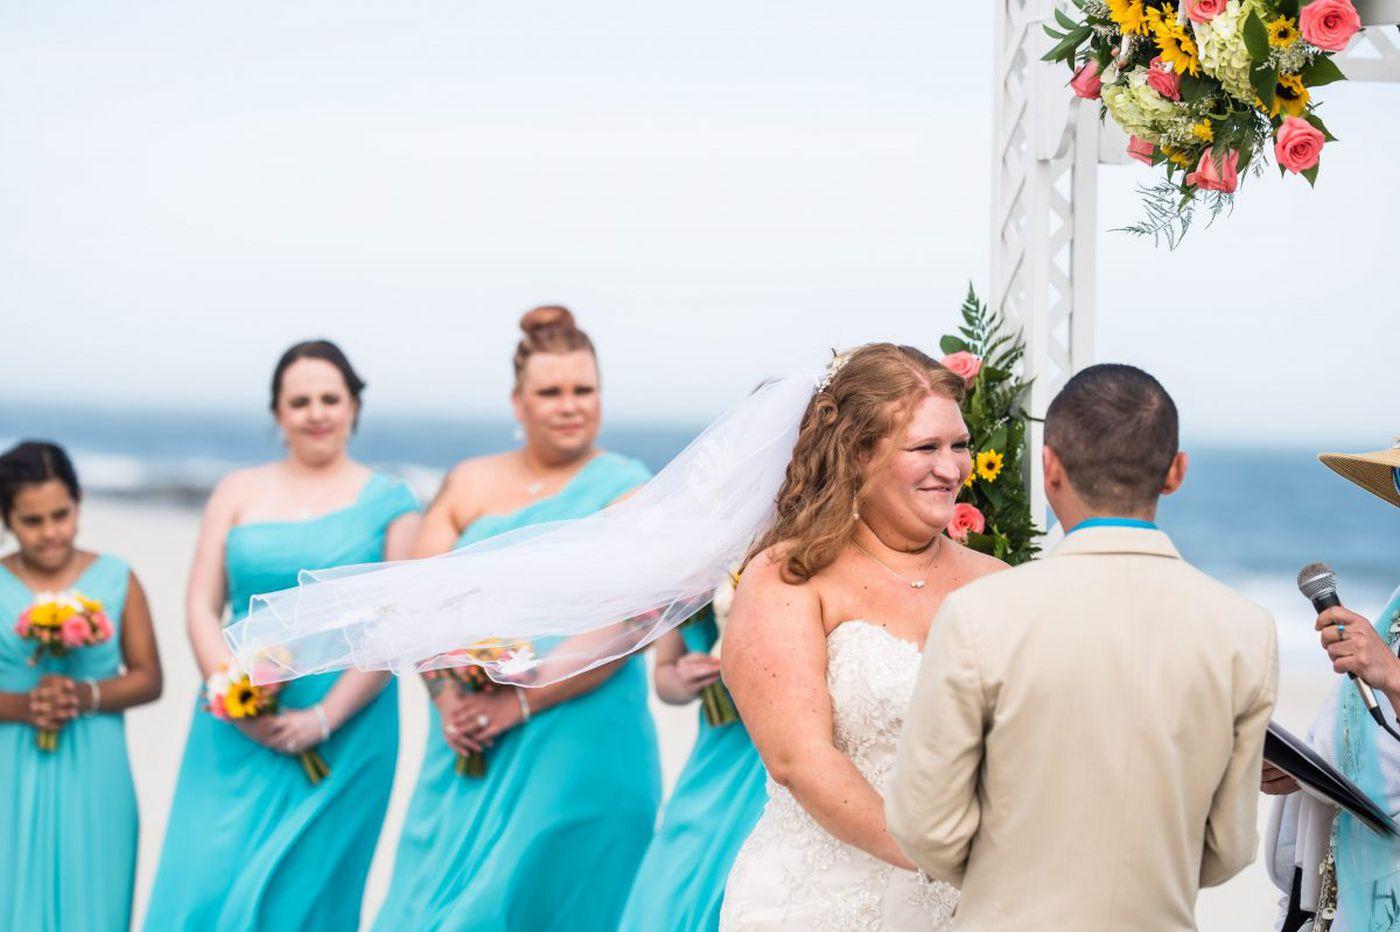 Philadelphia weddings: Lauren Ratkis and Juan Gutierrez